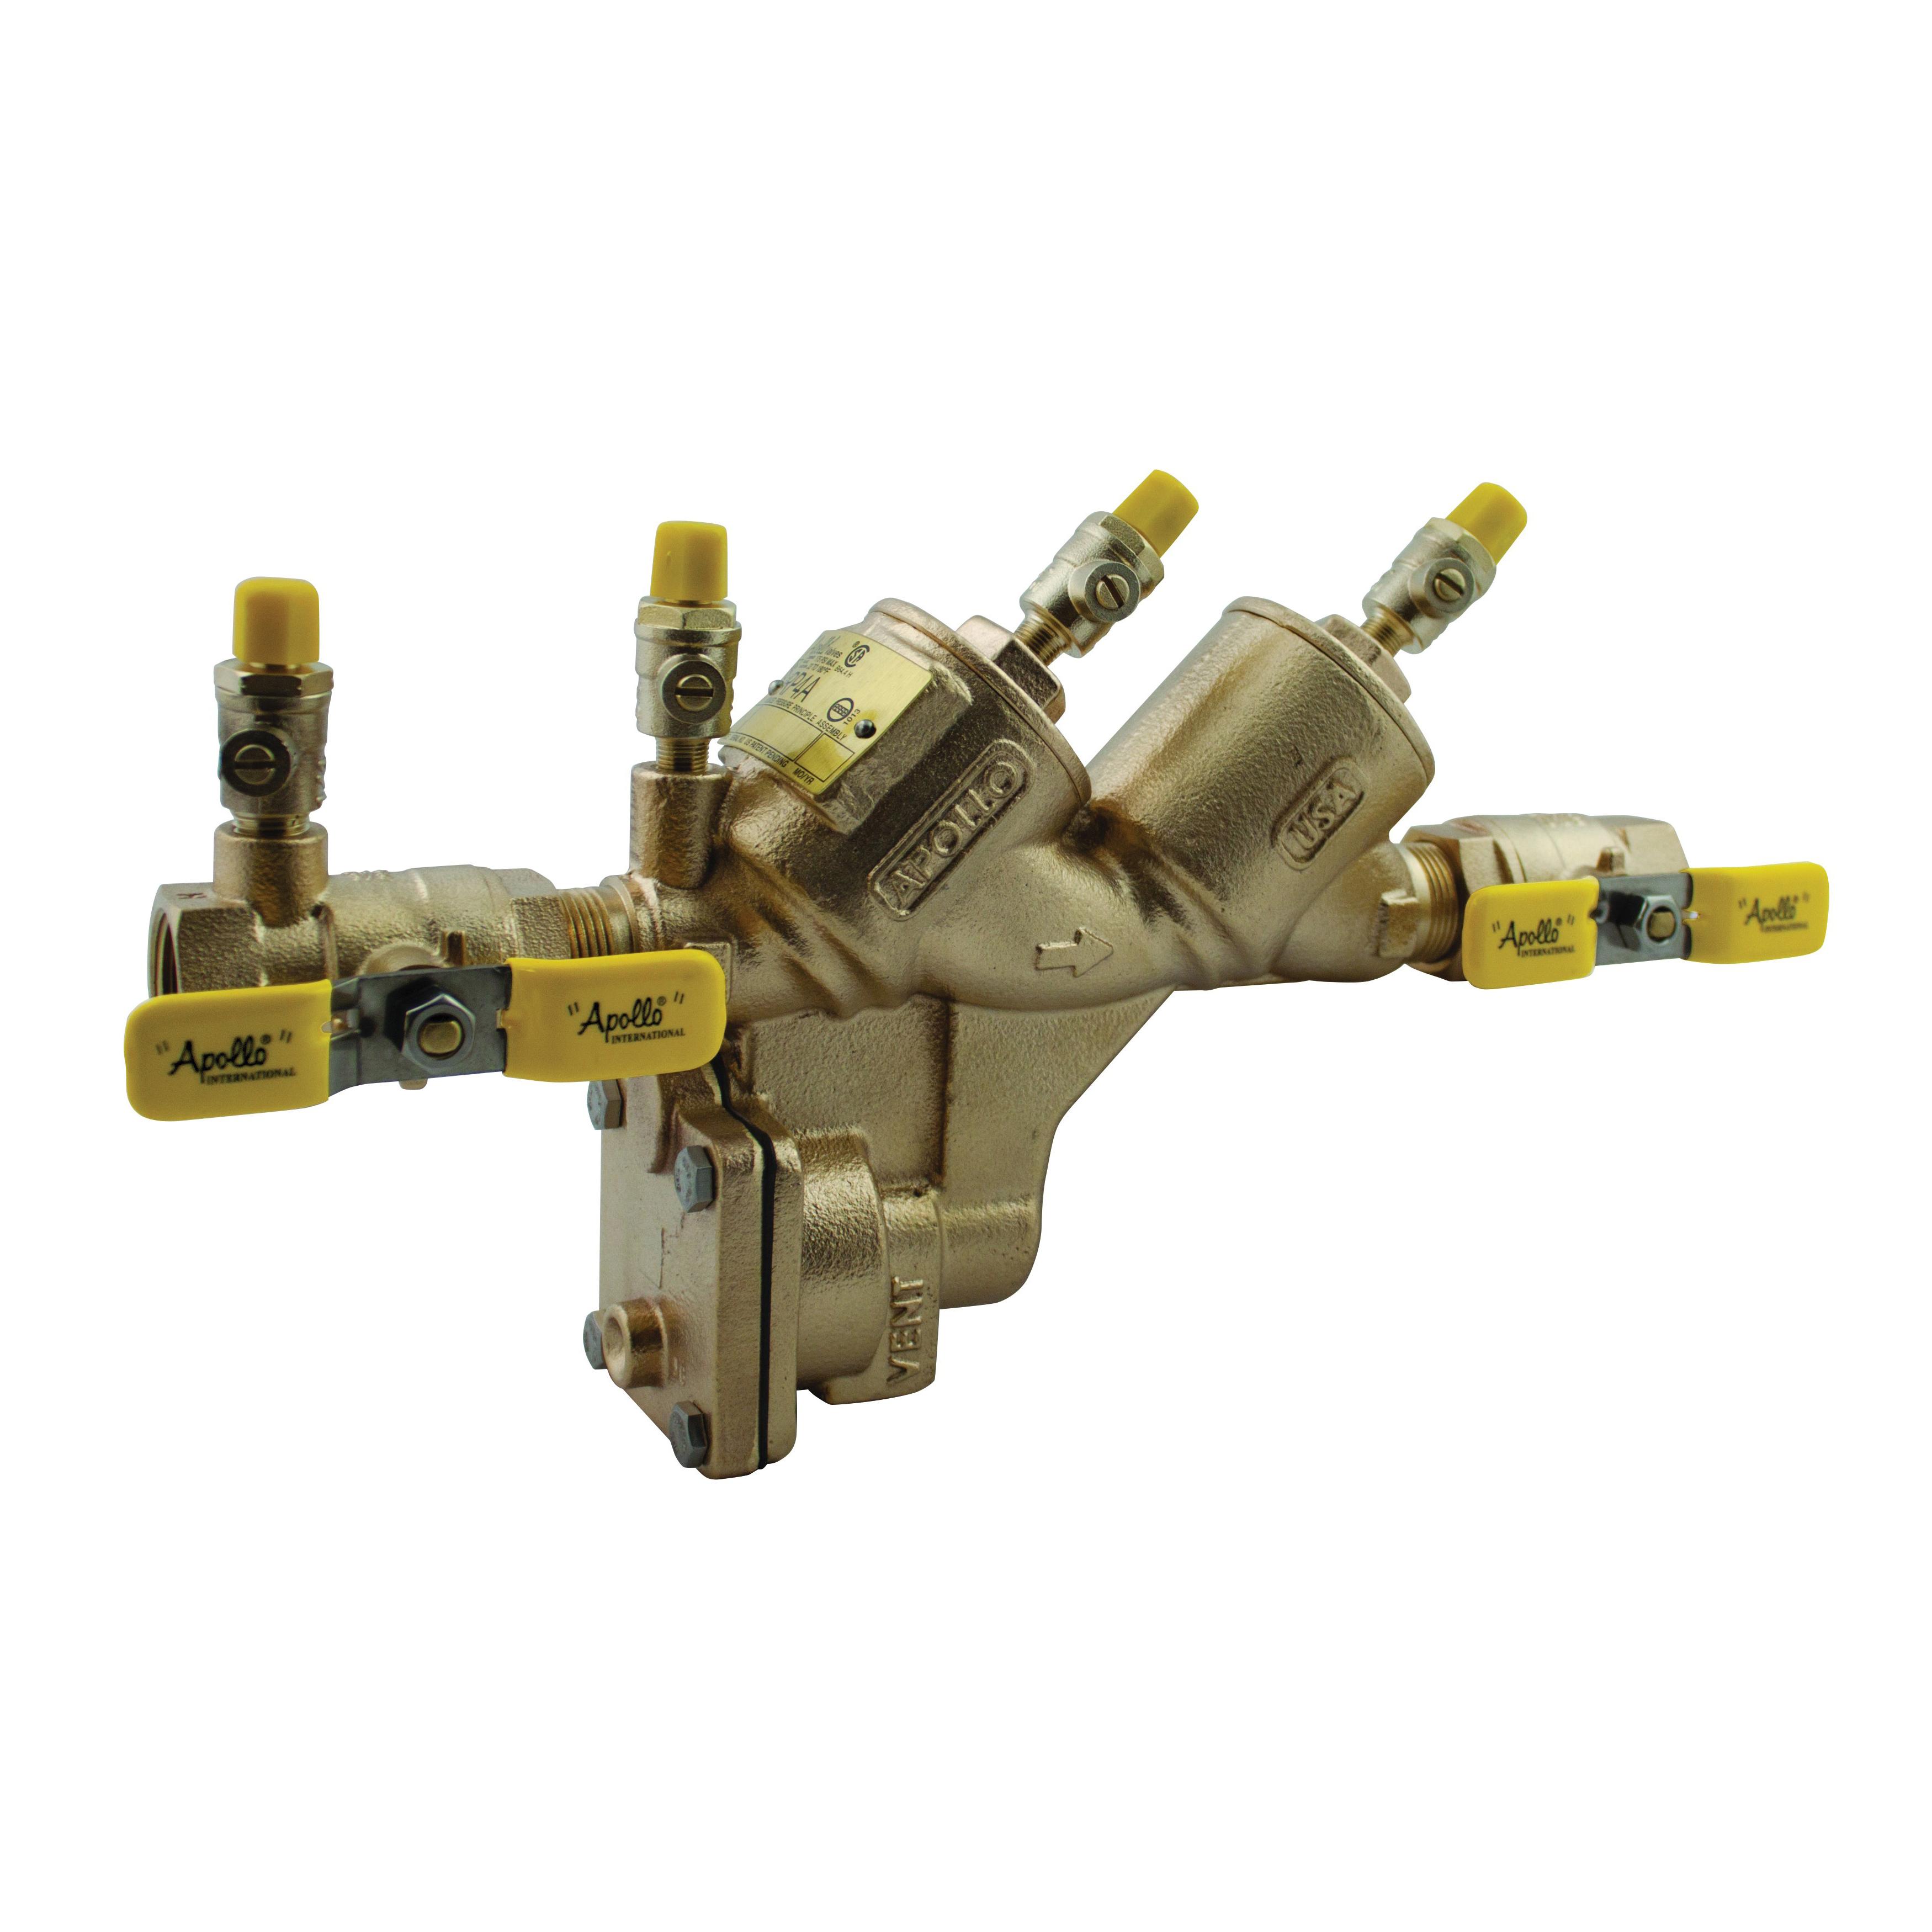 Apollo™ RPLF4A Lead Free Reduced Pressure Principle Backflow Preventer With Ball Valves, 1-1/4 in, Bronze, Domestic